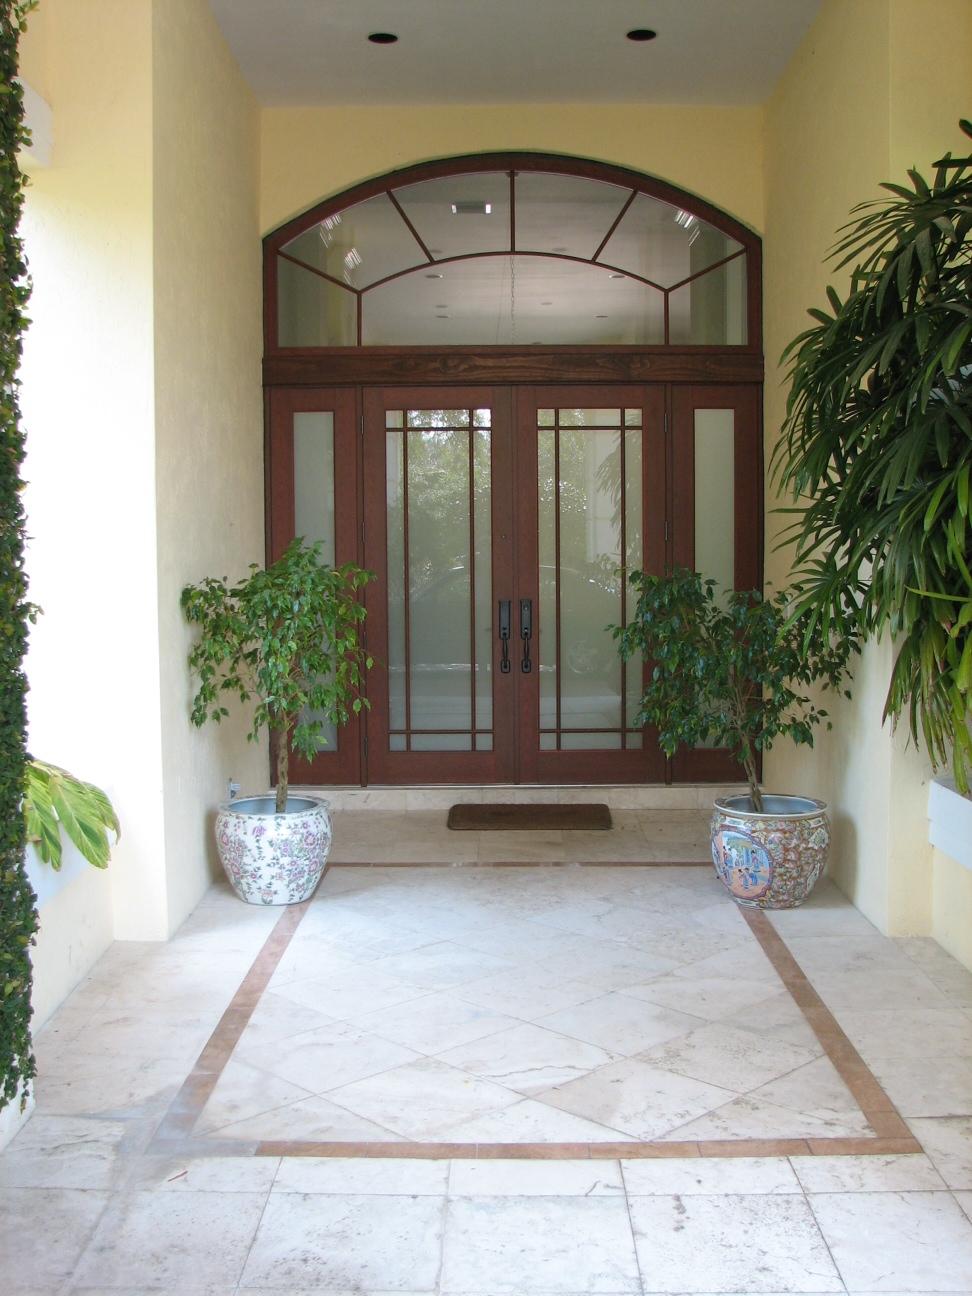 Casement windows brock doors amp windows brock doors amp windows - Are You Ready For The Best Impact Resistant Windows And Doors